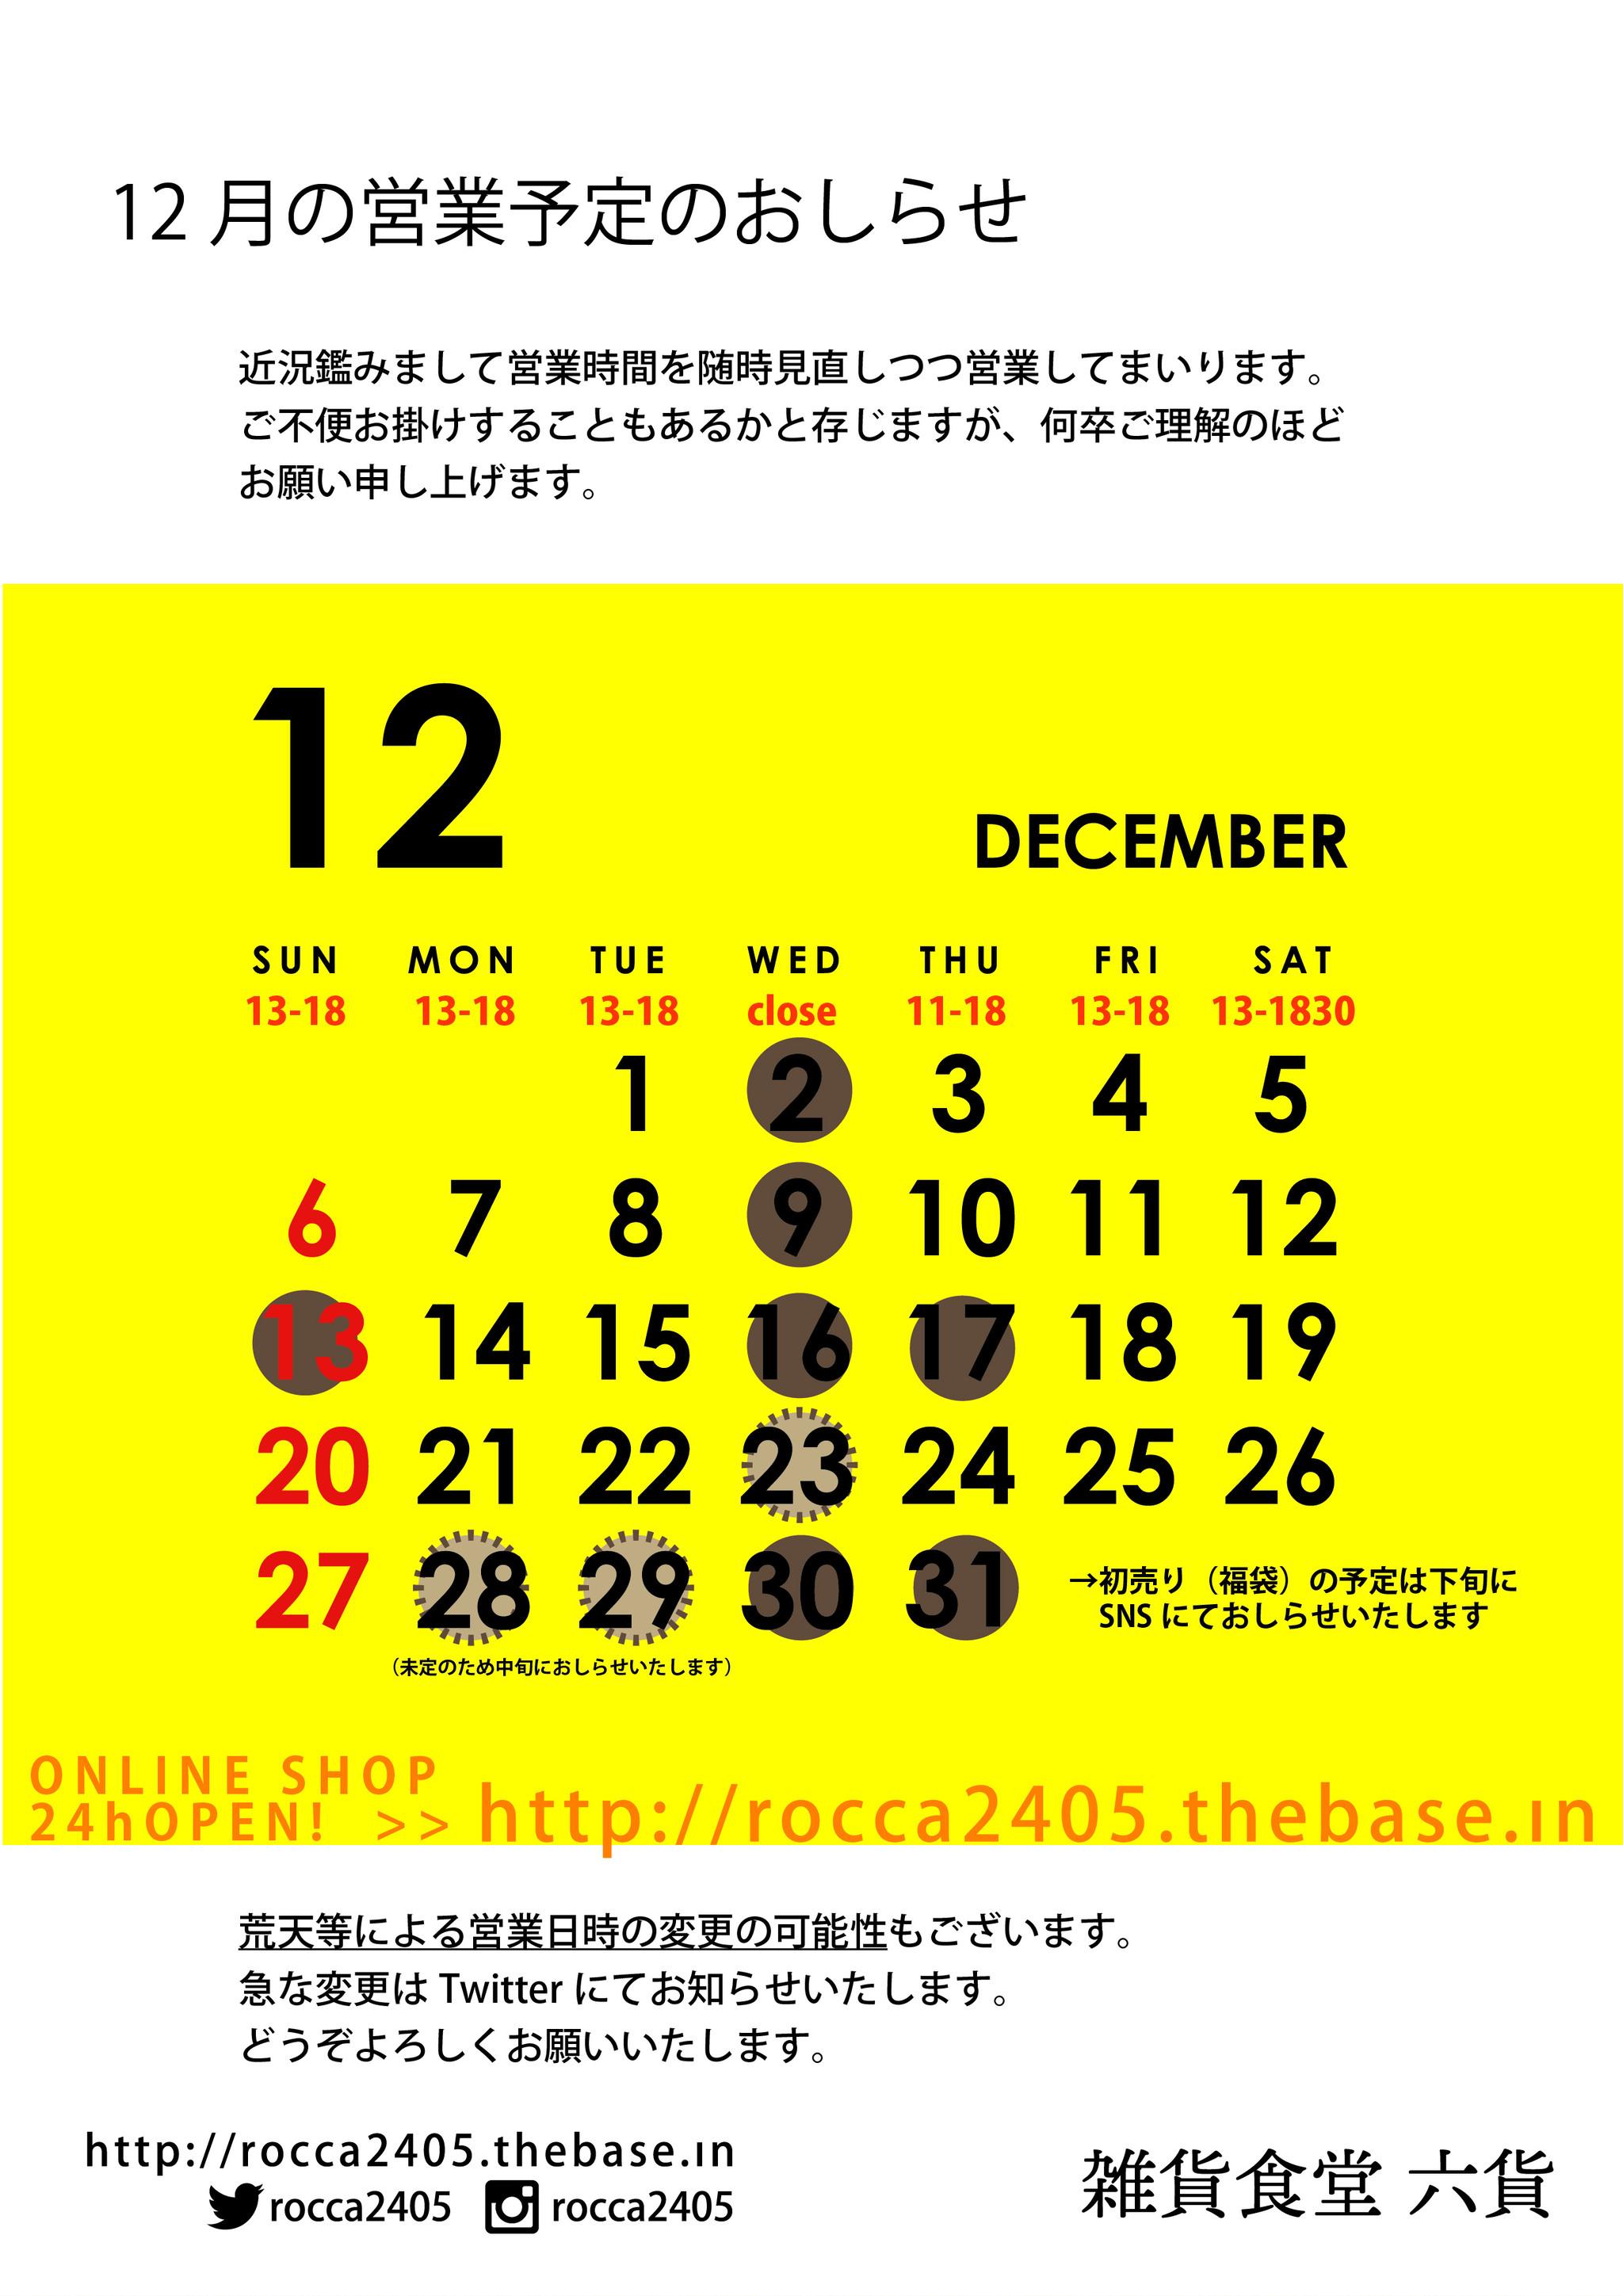 12月の営業予定(12/5-25は #妄想ニシオギセカイツアー募集 & 六貨のちいさな陶器市 )